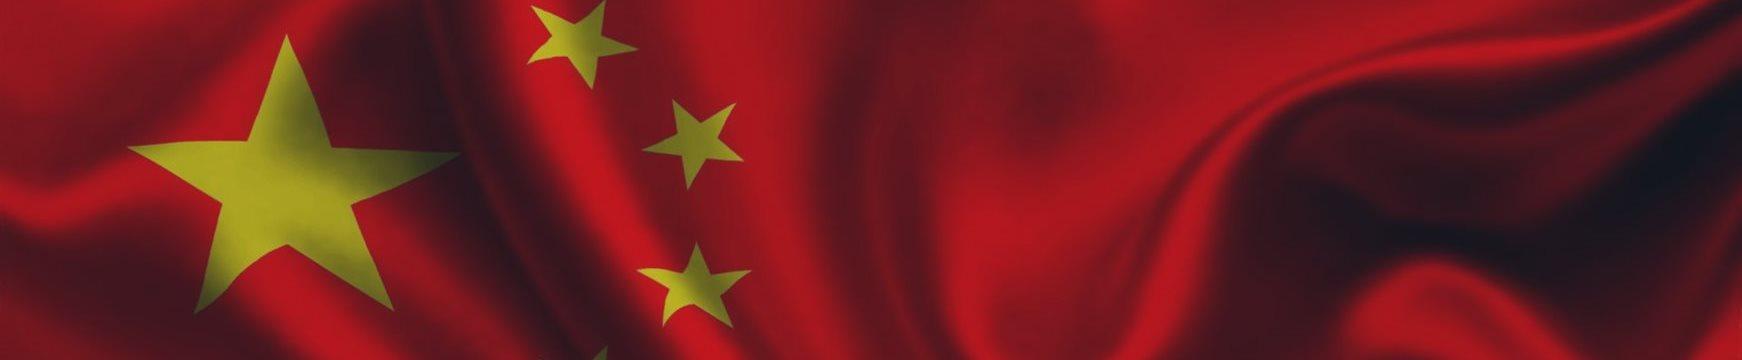 Bolsa de Shanghai cierra con ganancia de 3,48 puntos, la de Shenzhen cierra con más ganancia de 64,7 puntos